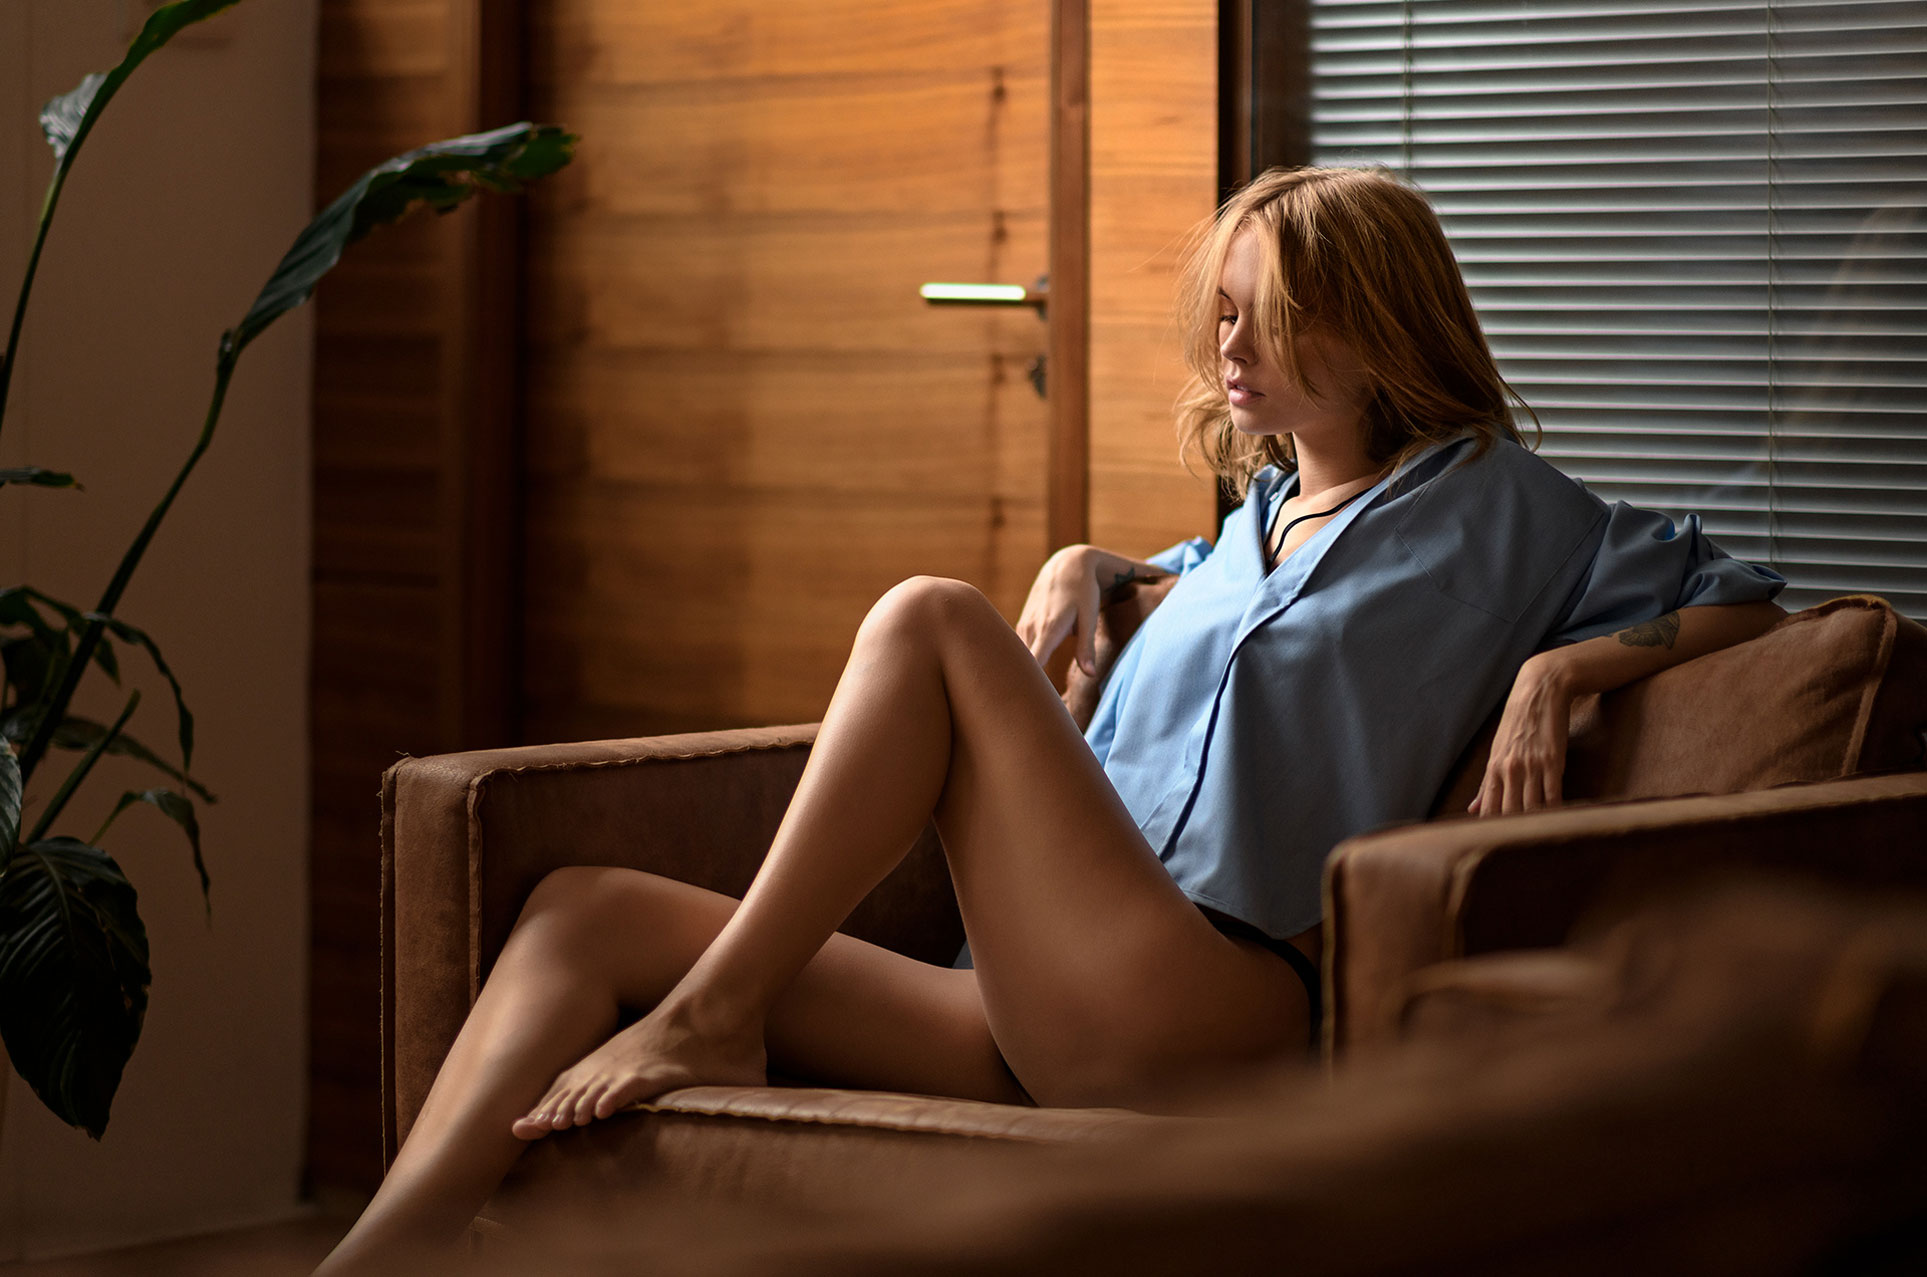 Анастасия Щеглова в сексуальном нижнем белье и голубой рубашке / Anastasiya Scheglova by Chris Bos